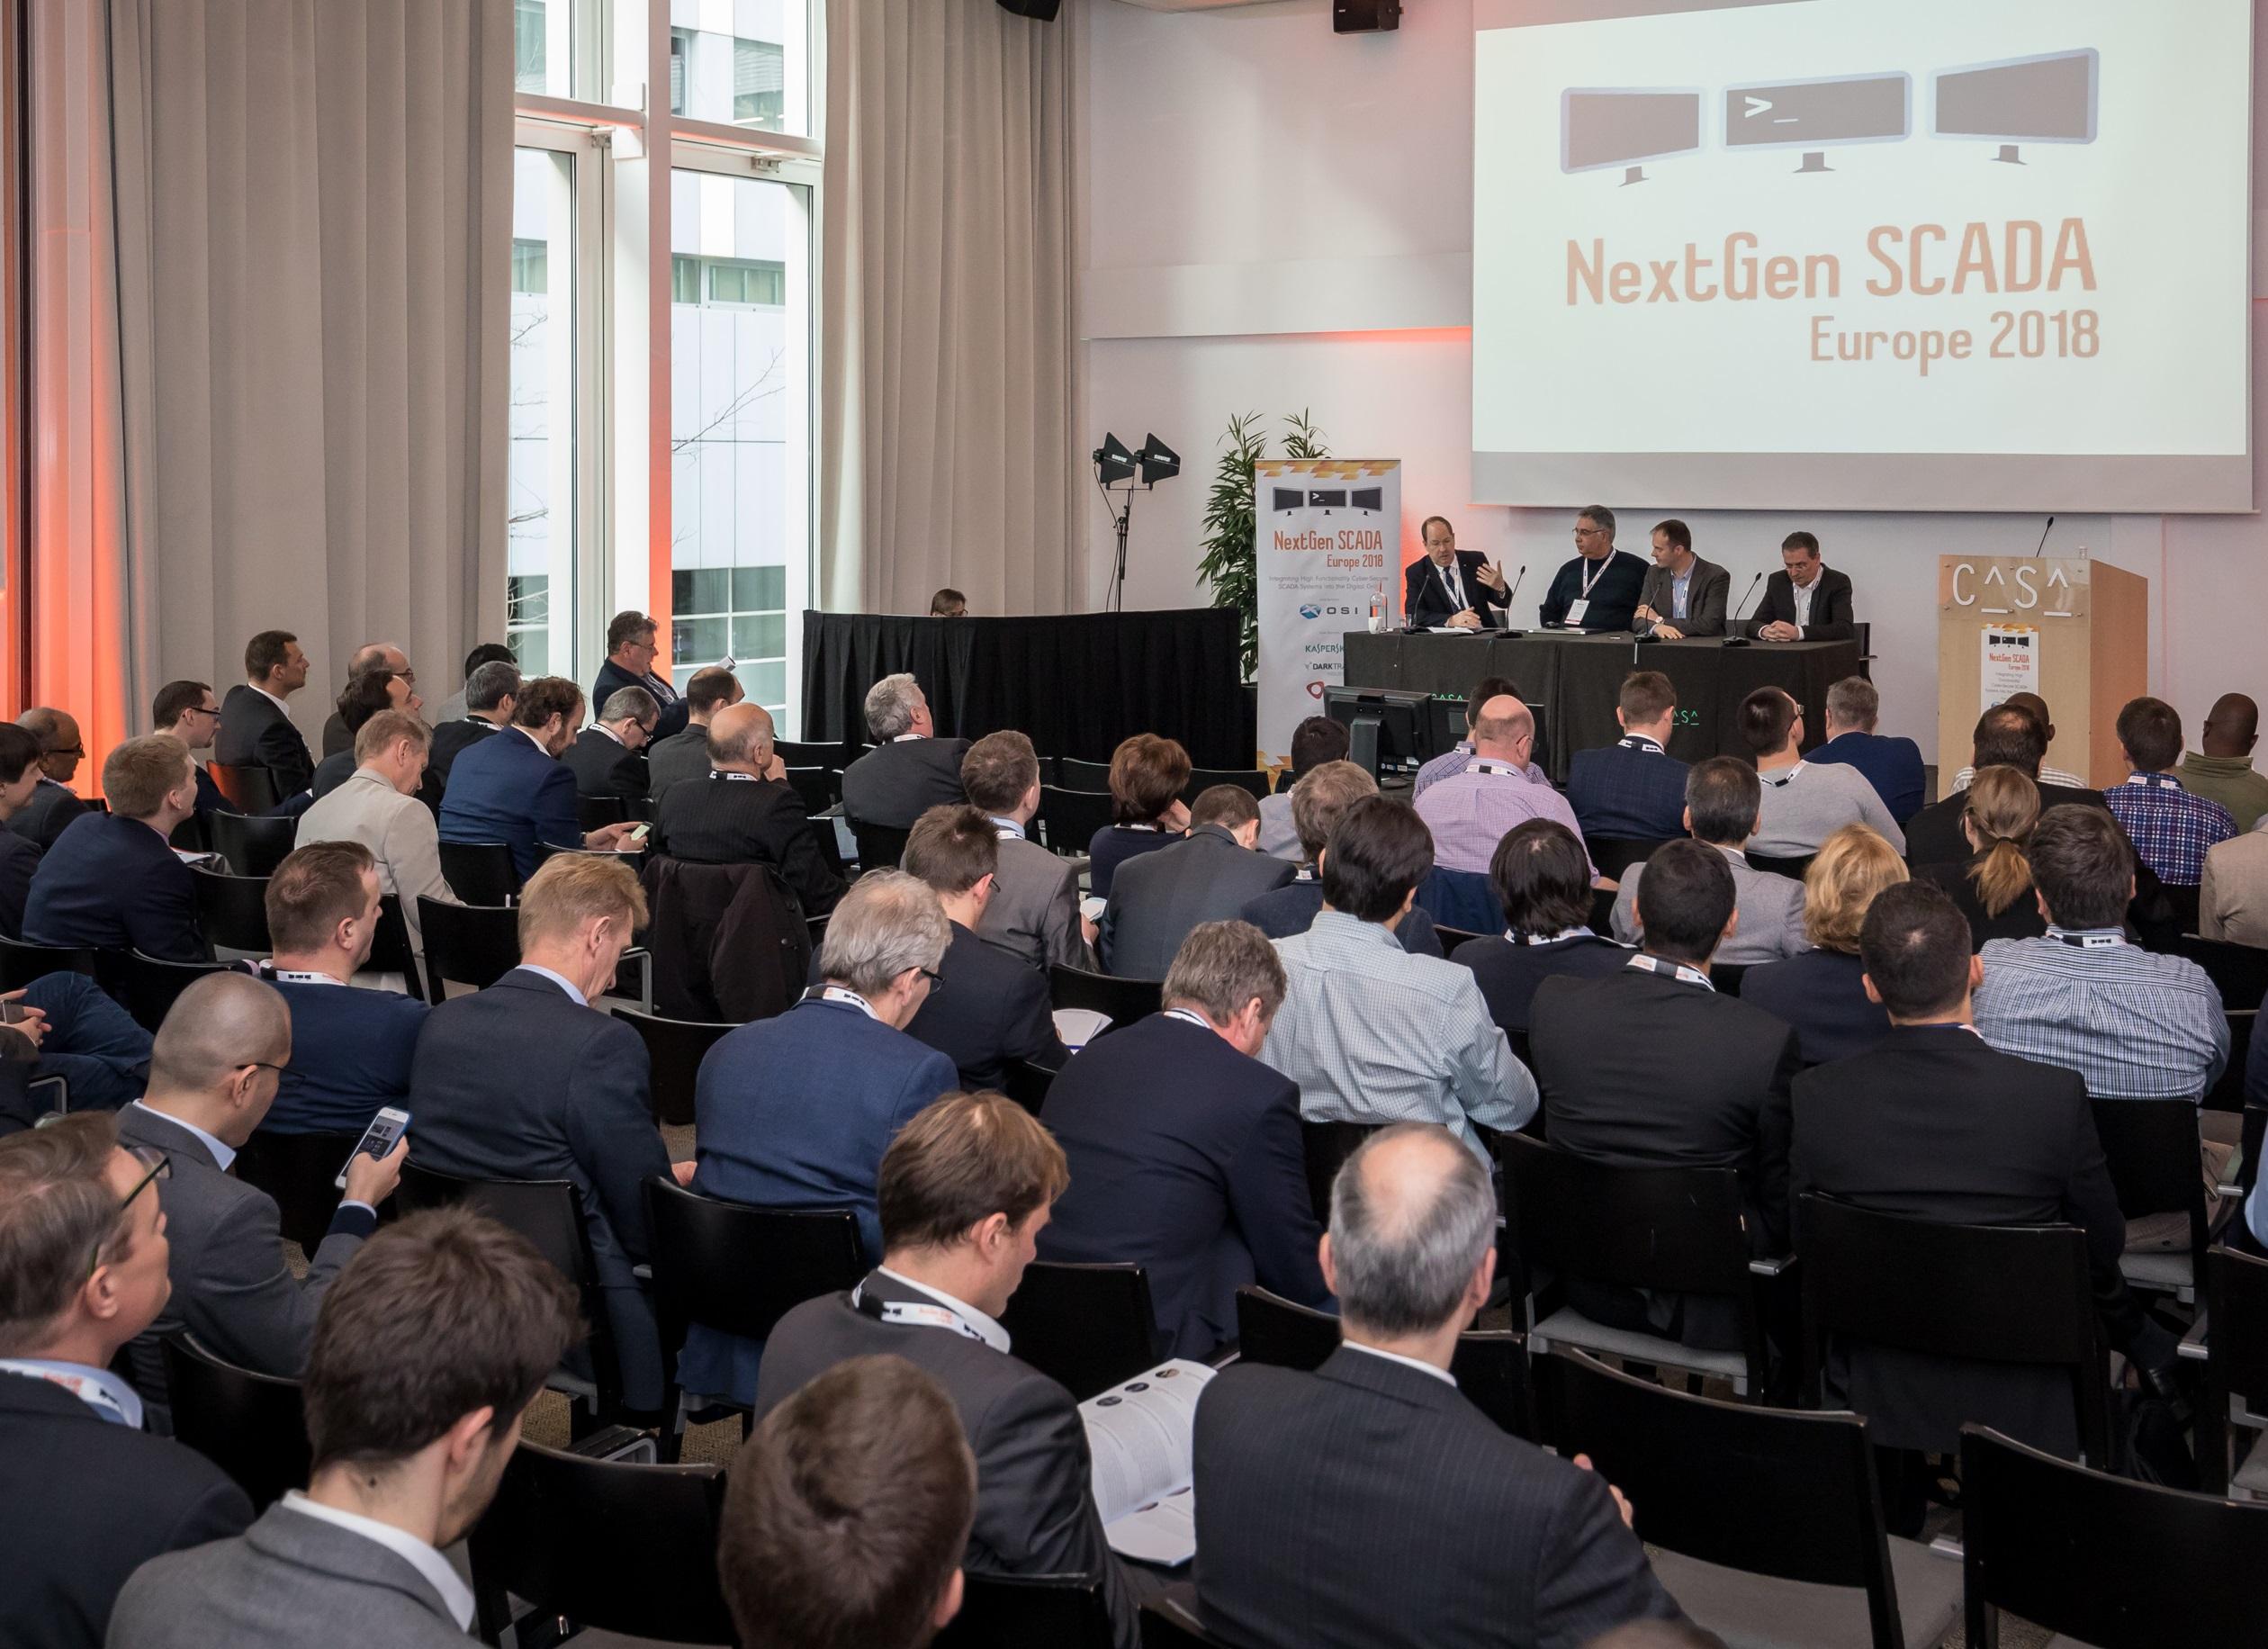 Конференция «NextGen SCADA Europe 2018»